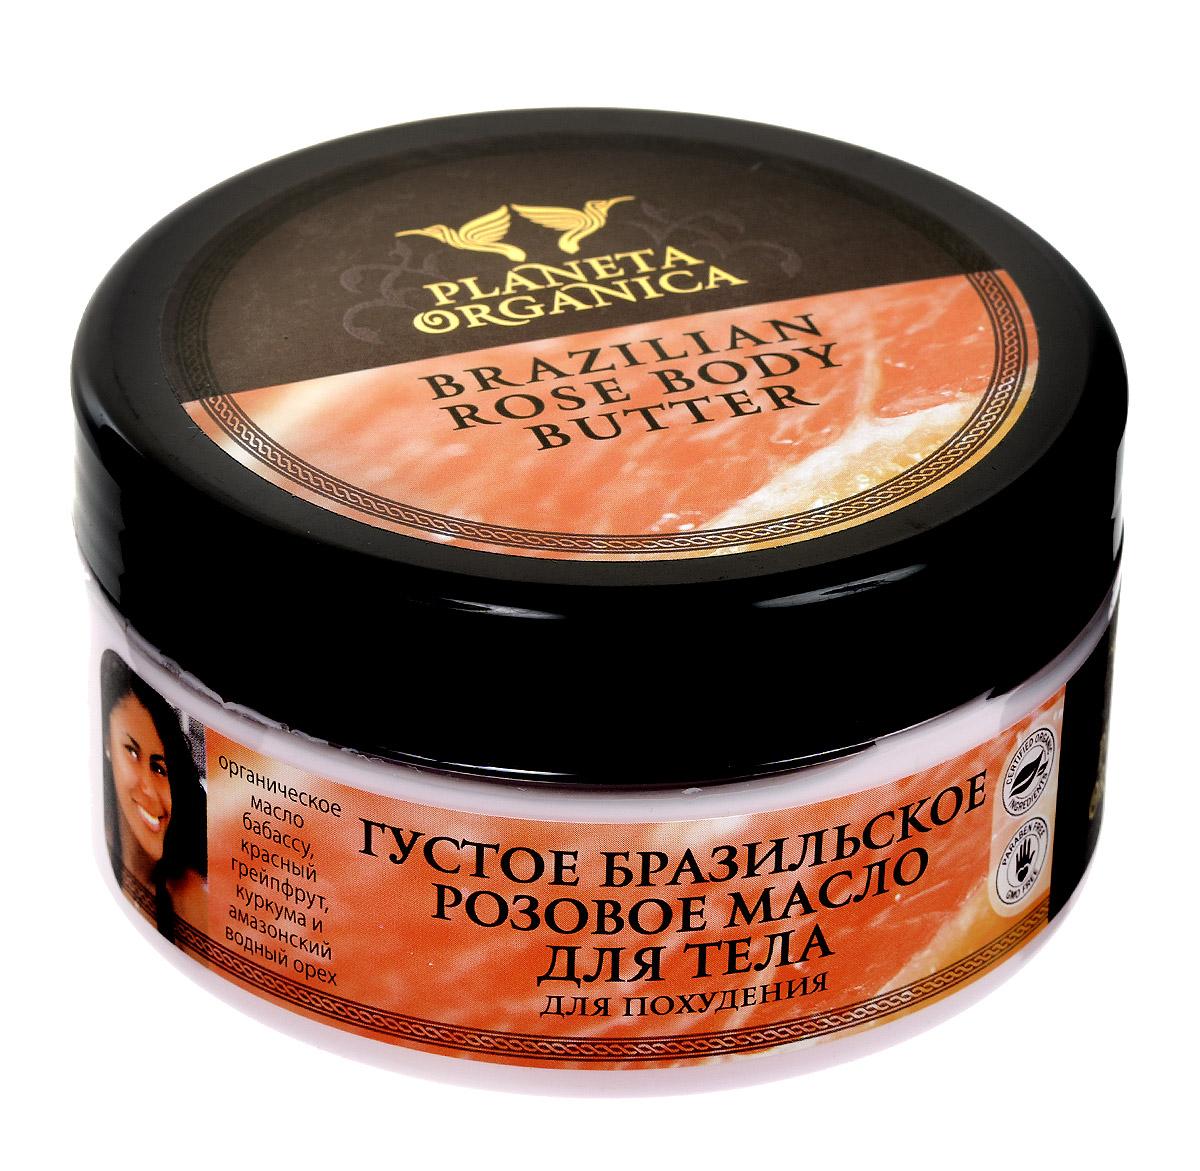 Planeta Organica Густое бразильское розоое для тела, для похудения, 300 мл